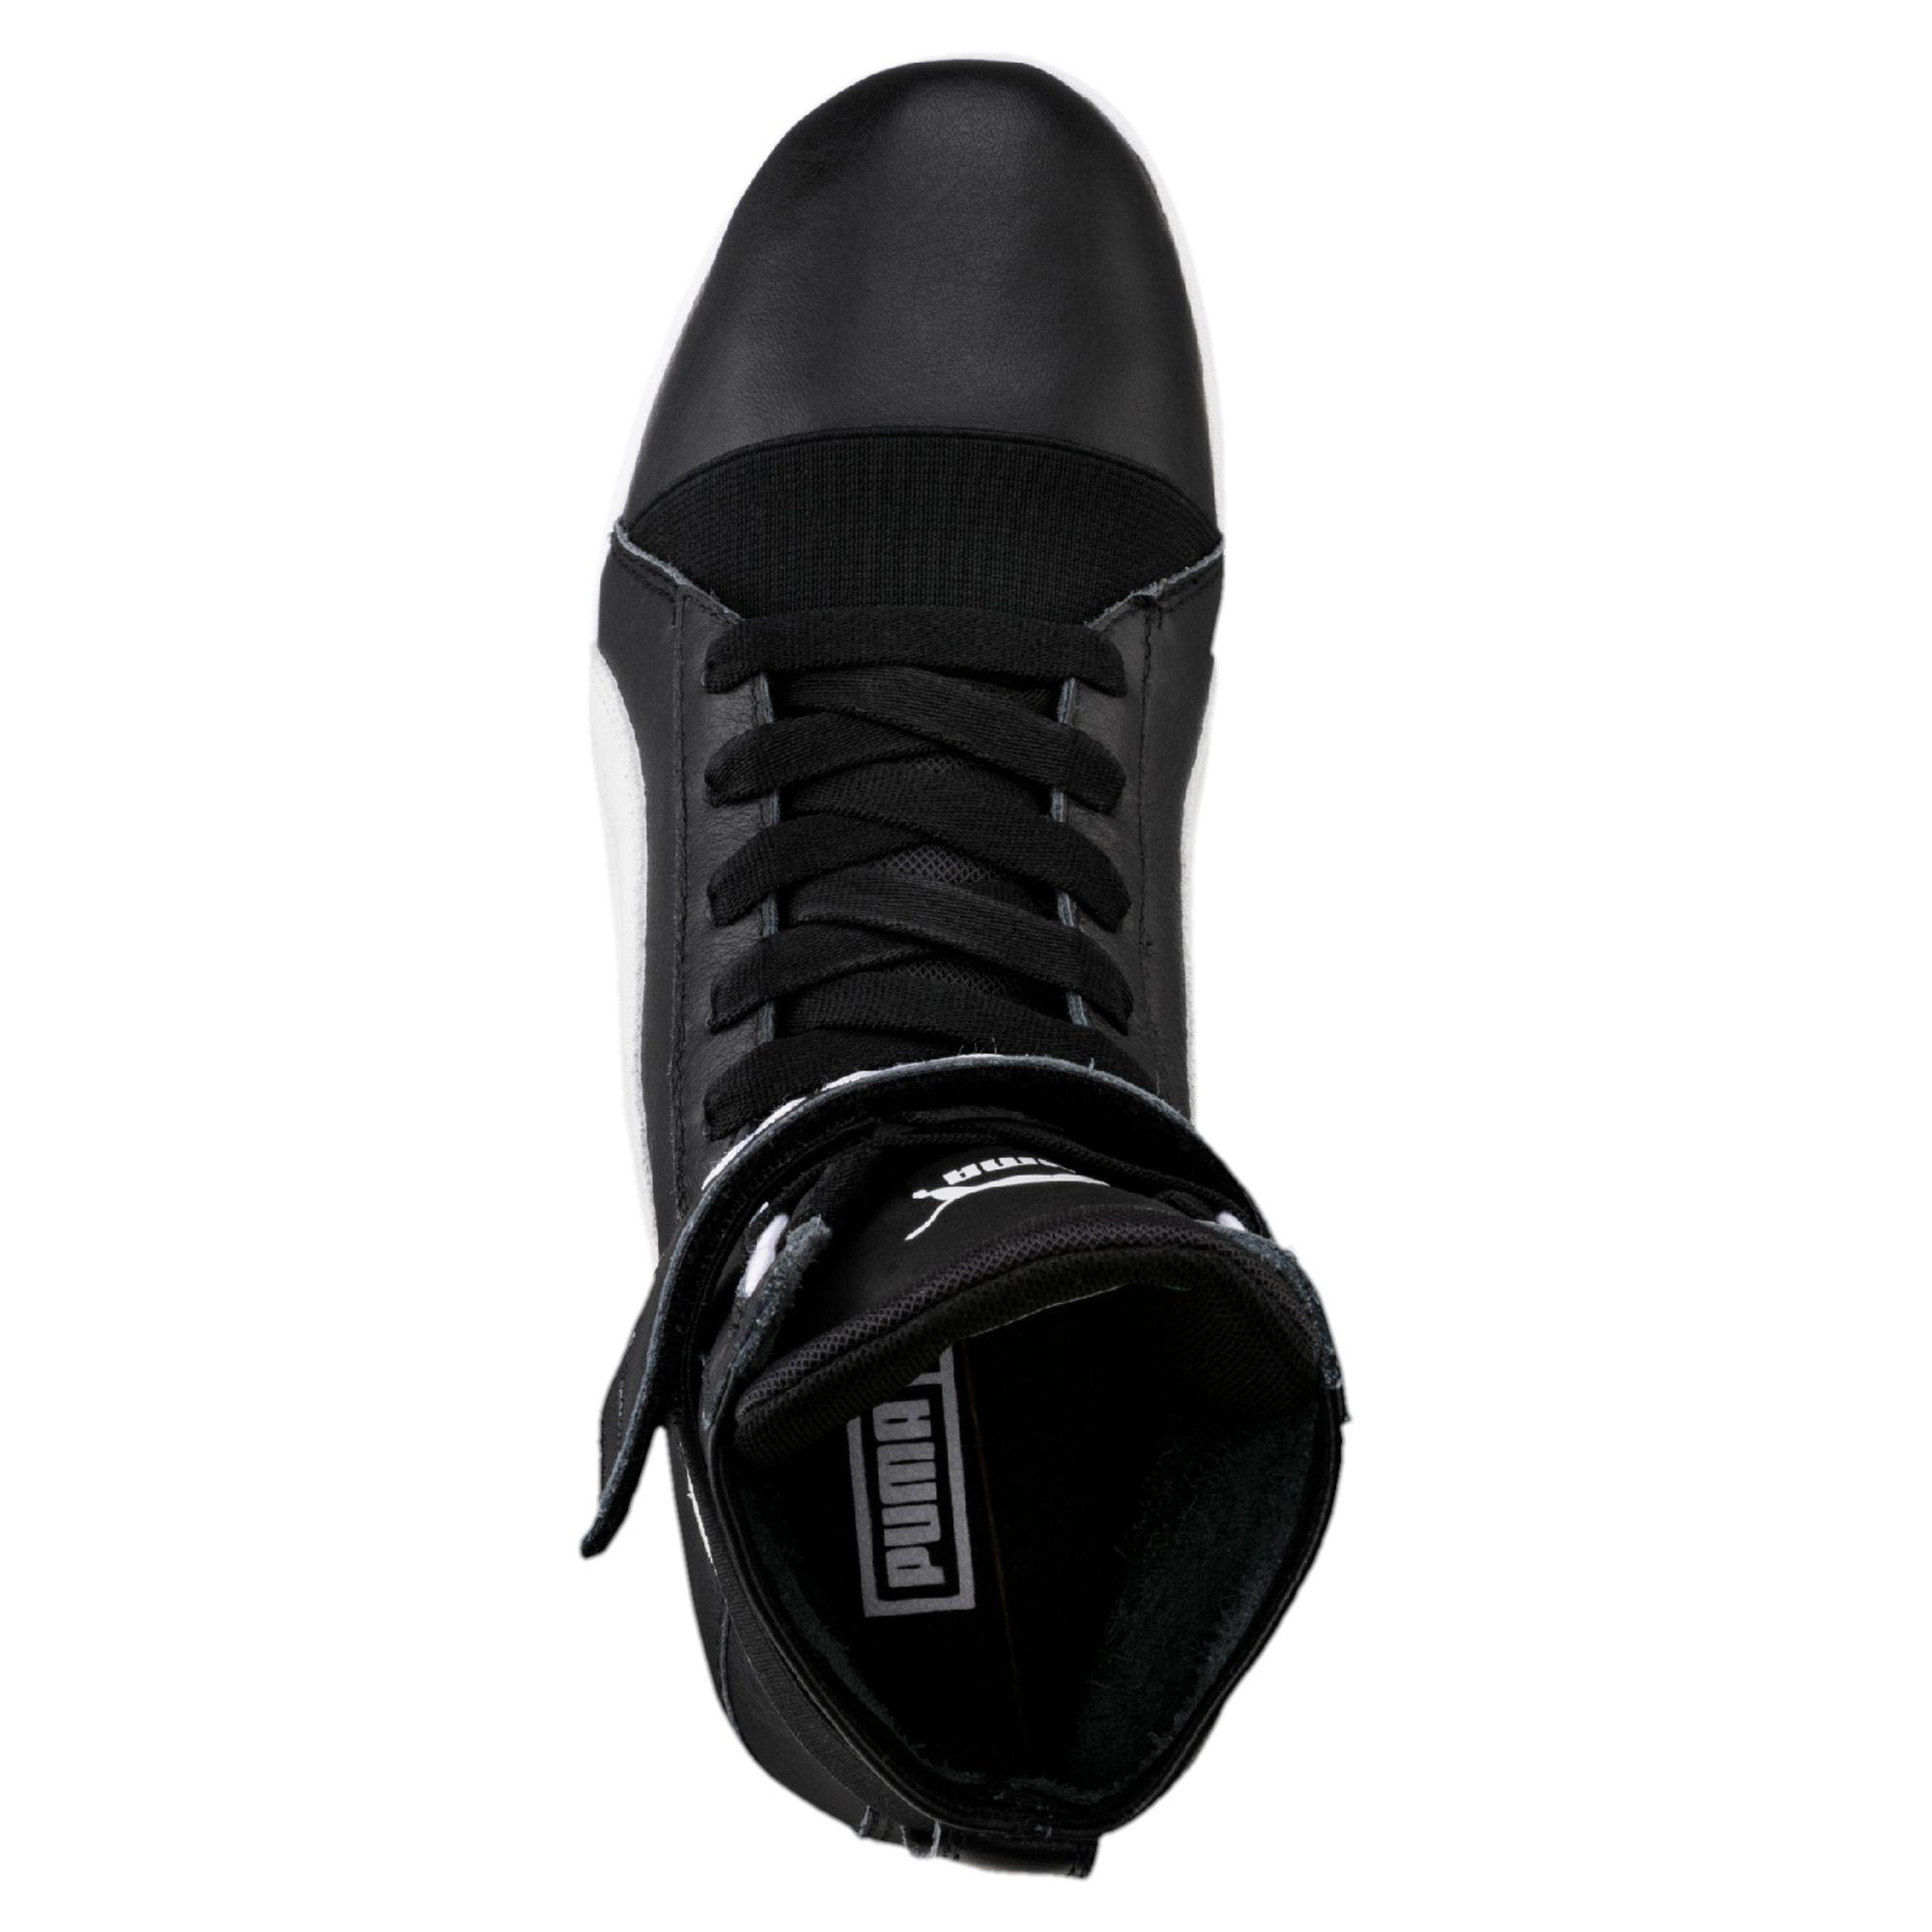 a7e3afded98d PUMA Eskiva New Hi Damen Stiefel Frauen Hohe Stiefel Neu   eBay